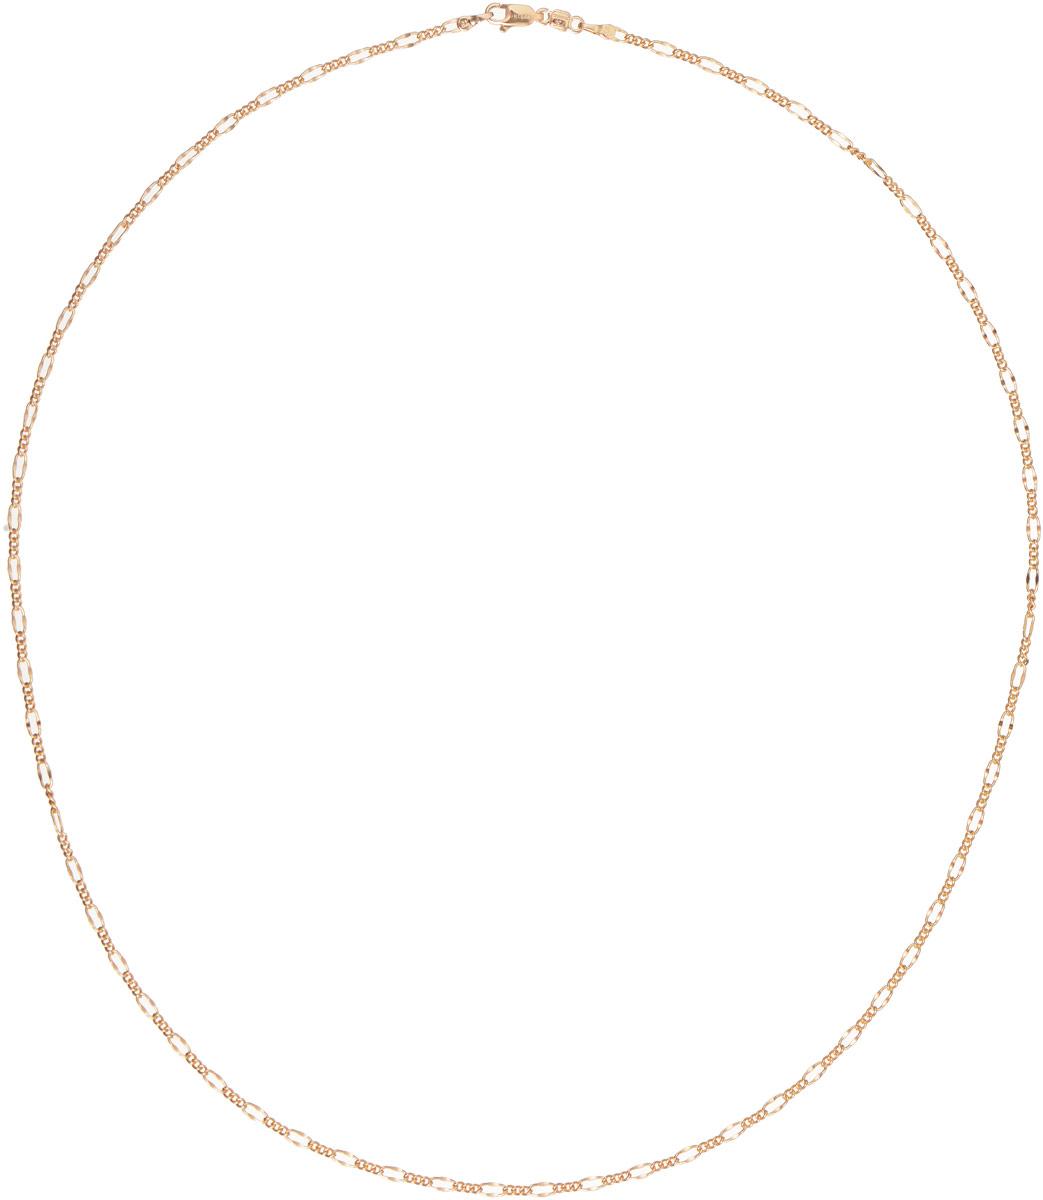 Цепочка Taya, цвет: золотистый. T-B-11711T-B-11711-NECK-GOLDЭлегантная цепочка от Taya изготовлена из качественного бижутерного сплава. Изделие застегивается на замок-карабин. Такая изящная цепочка идеально дополнит ваш образ и подчеркнет ваш изысканный вкус.